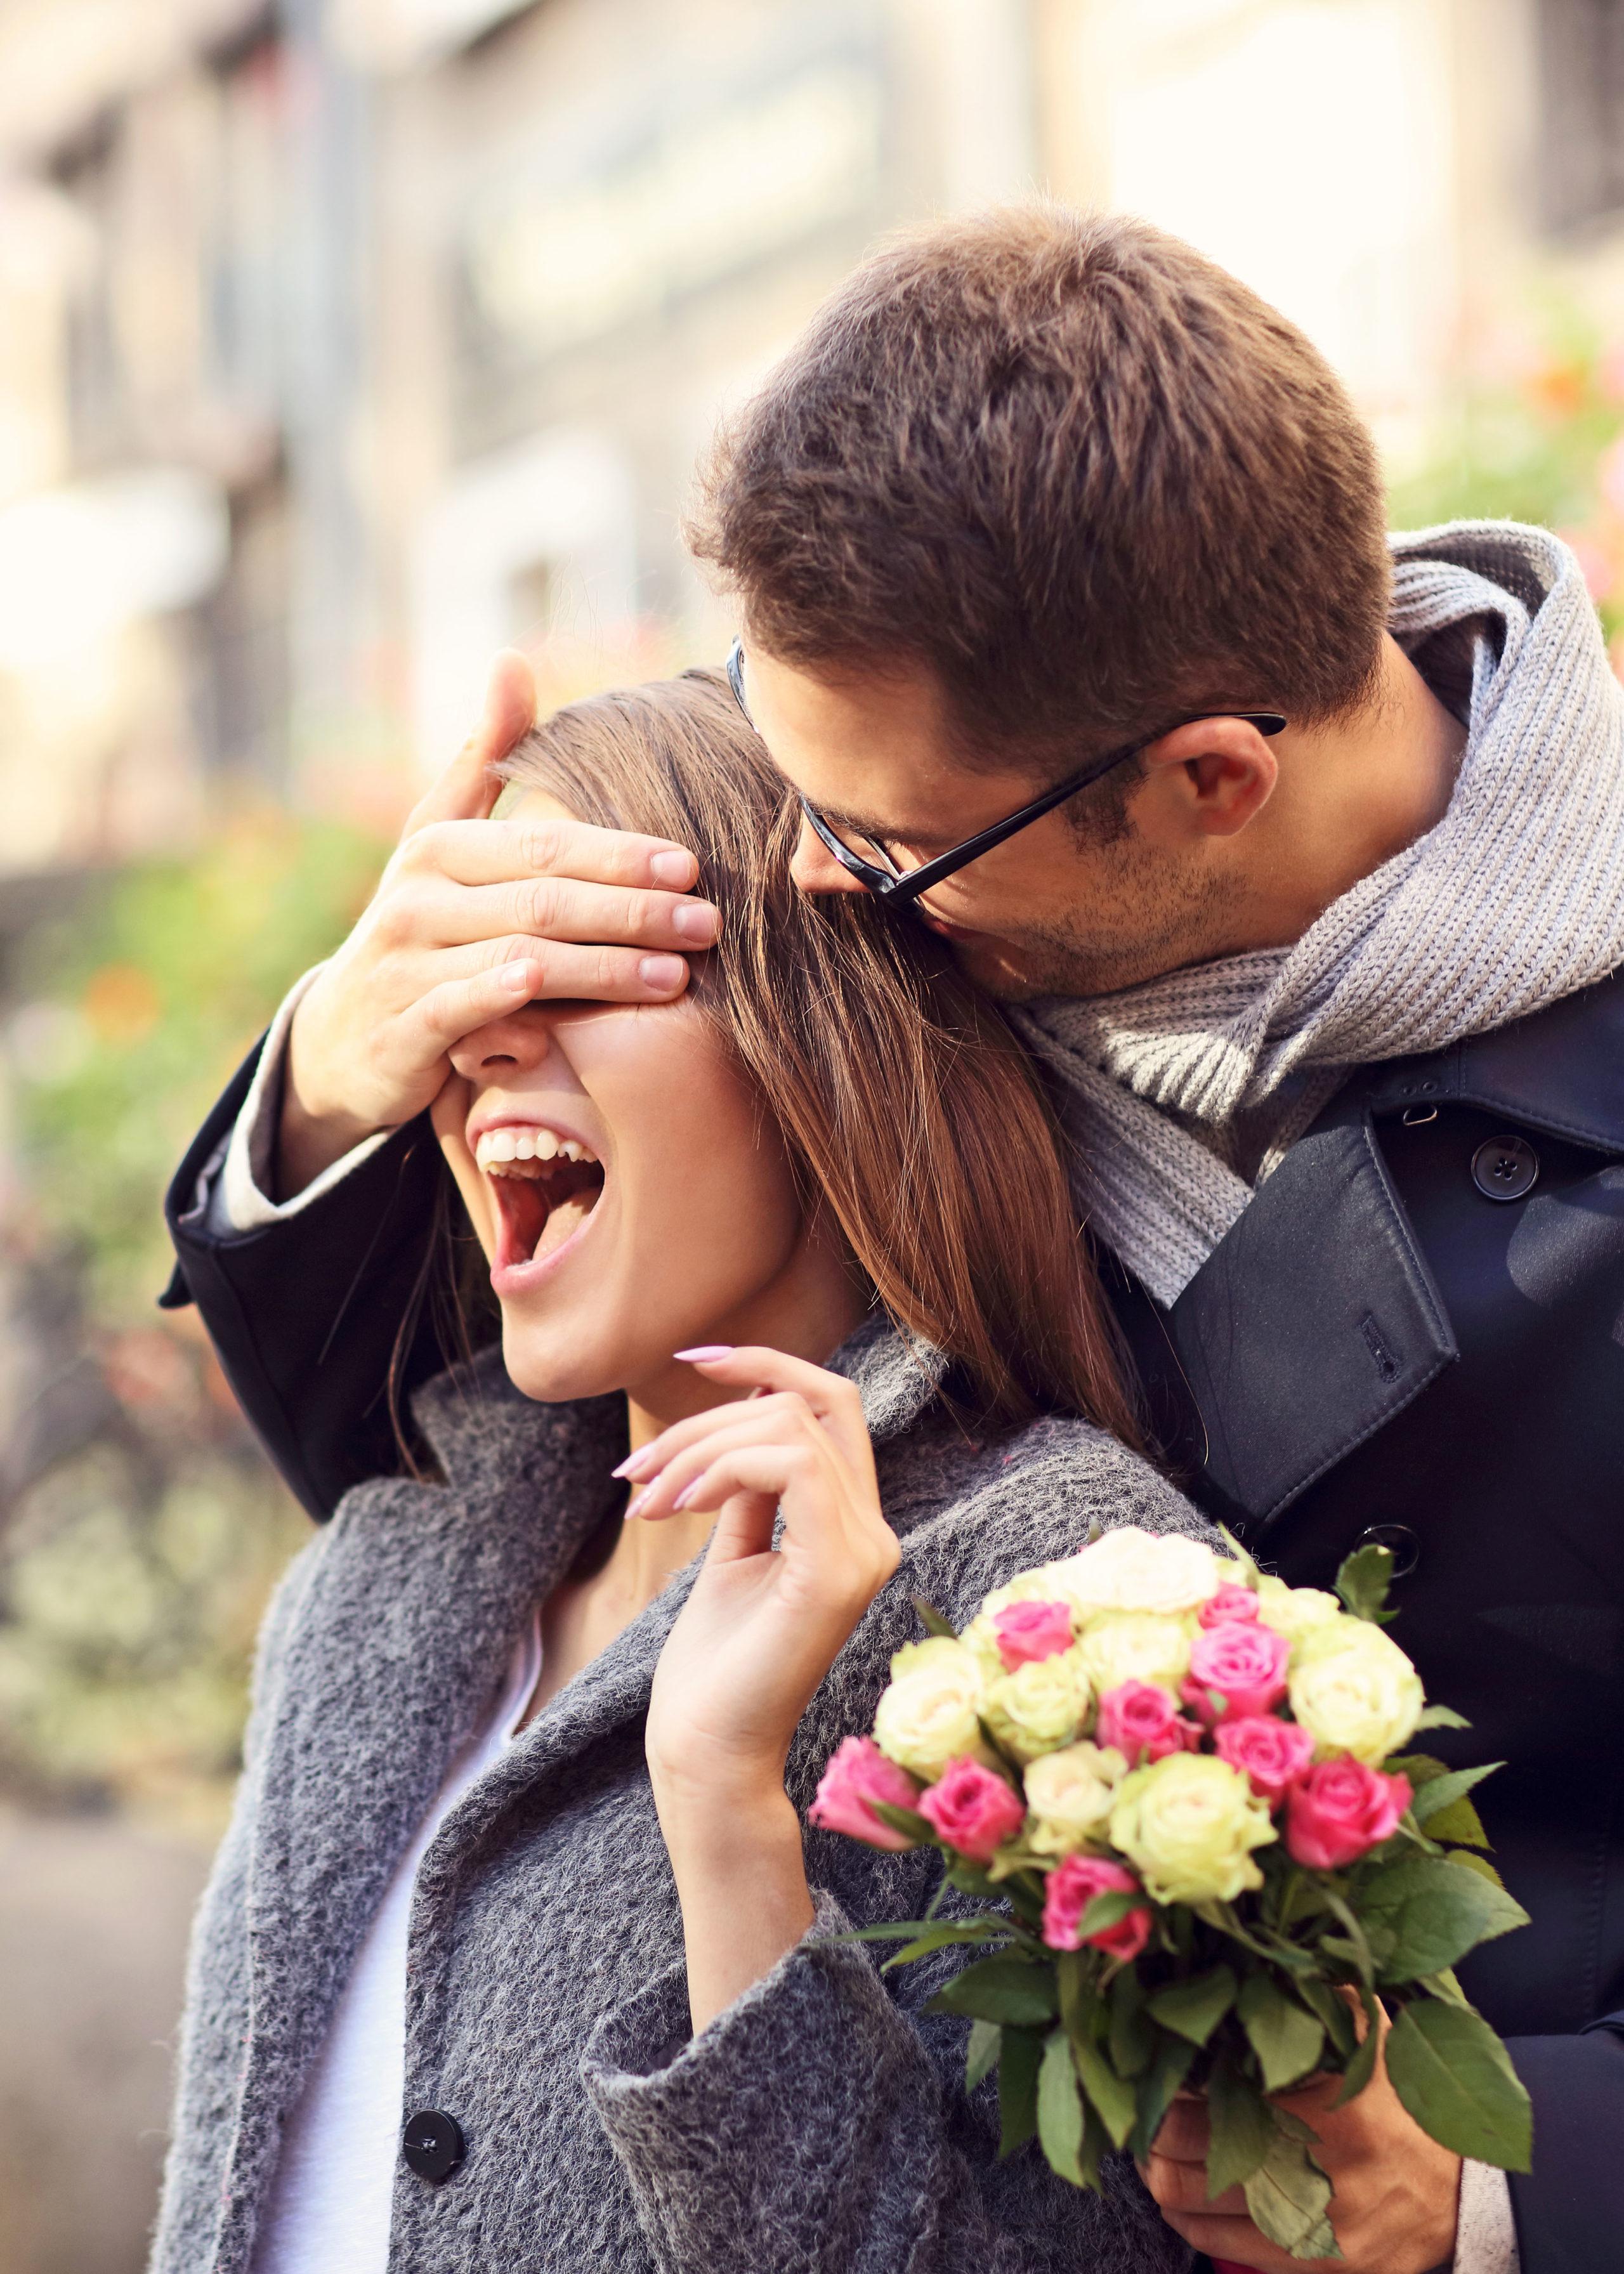 Bei einem romantischen Kurzurlaub können frisch Verliebte ihre junge Beziehung beflügeln. Romantischen Kurzurlaub schenken